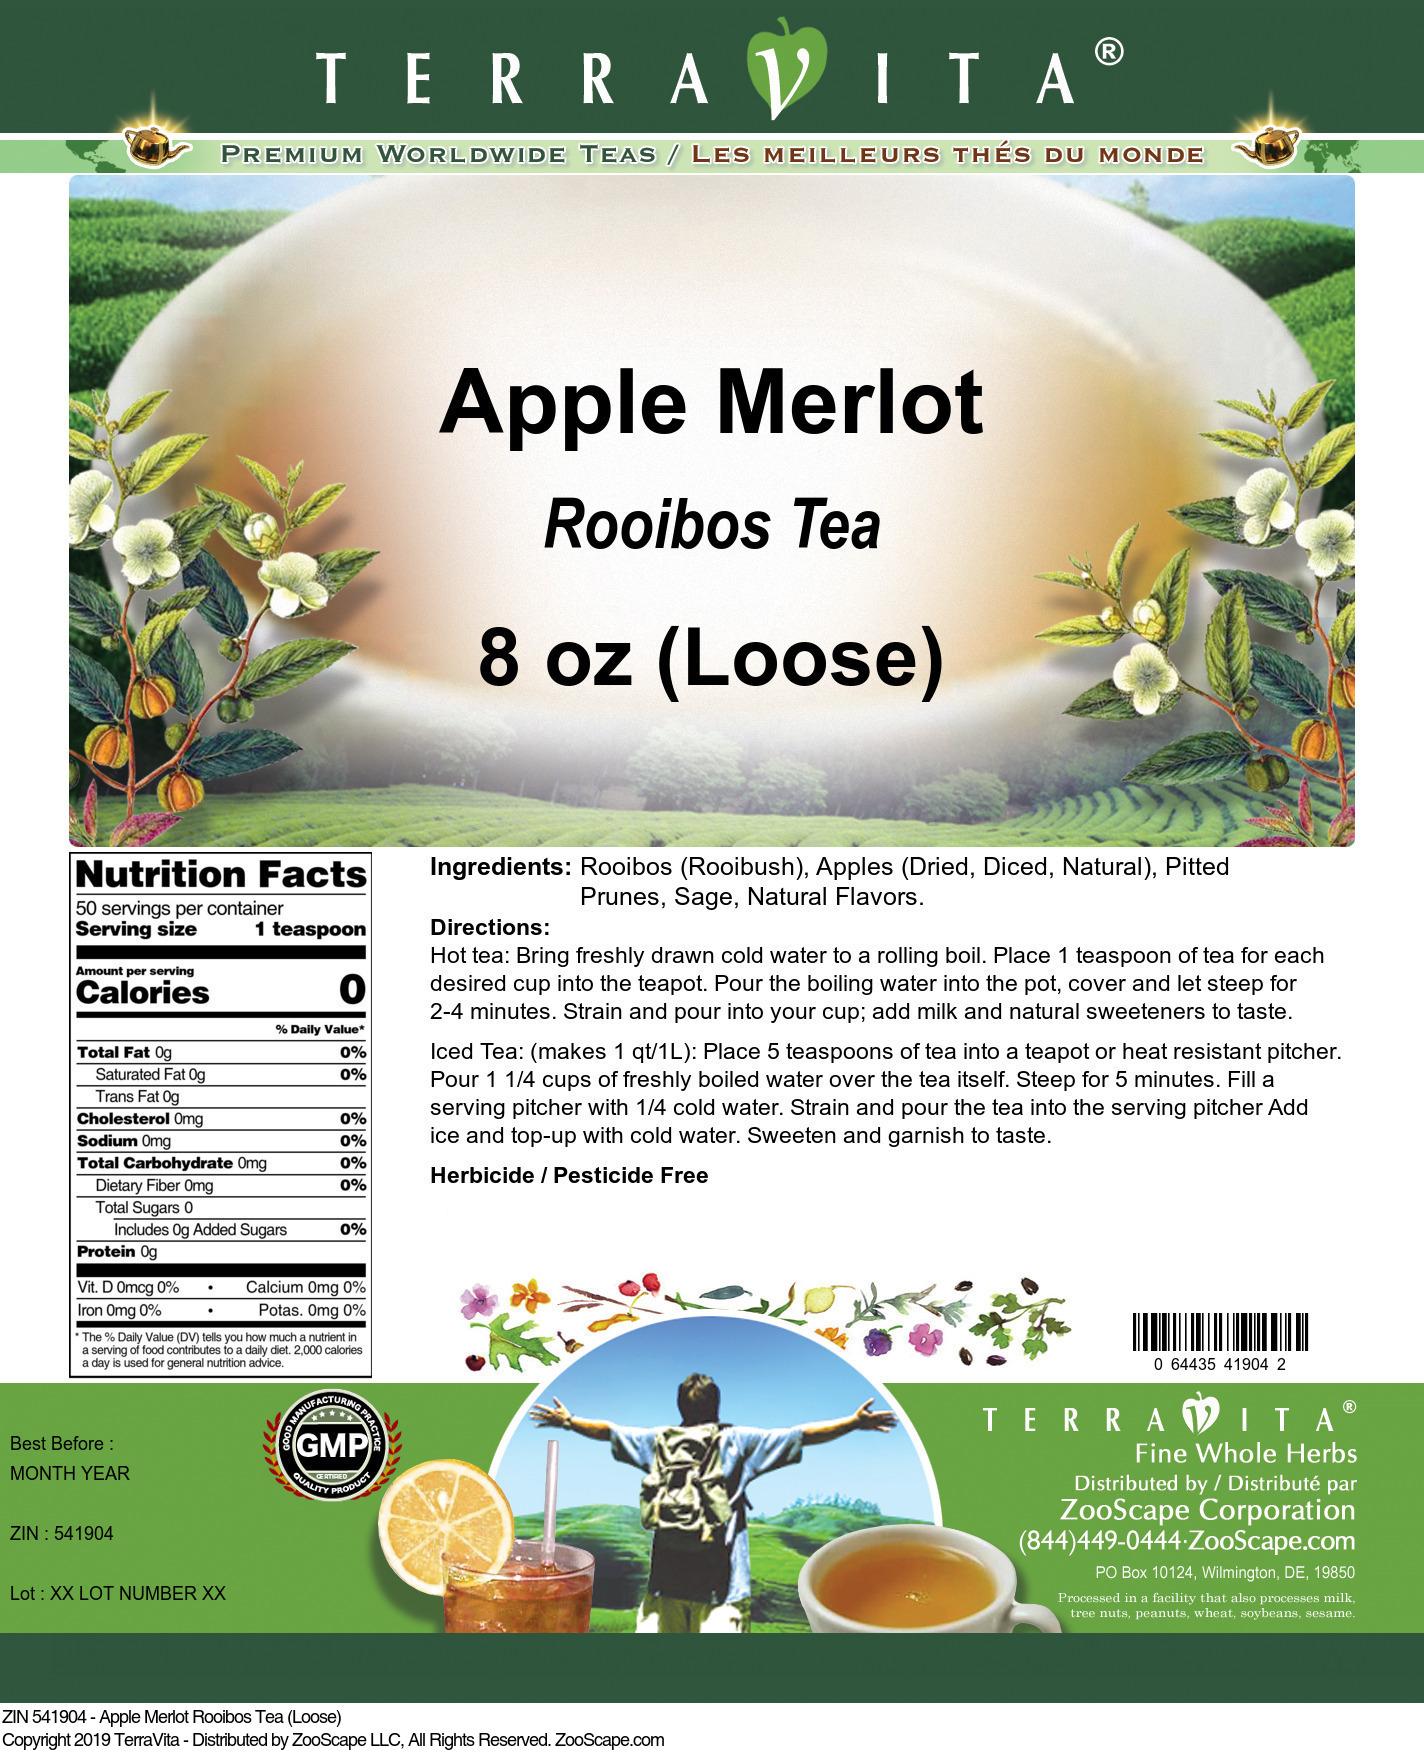 Apple Merlot Rooibos Tea (Loose)